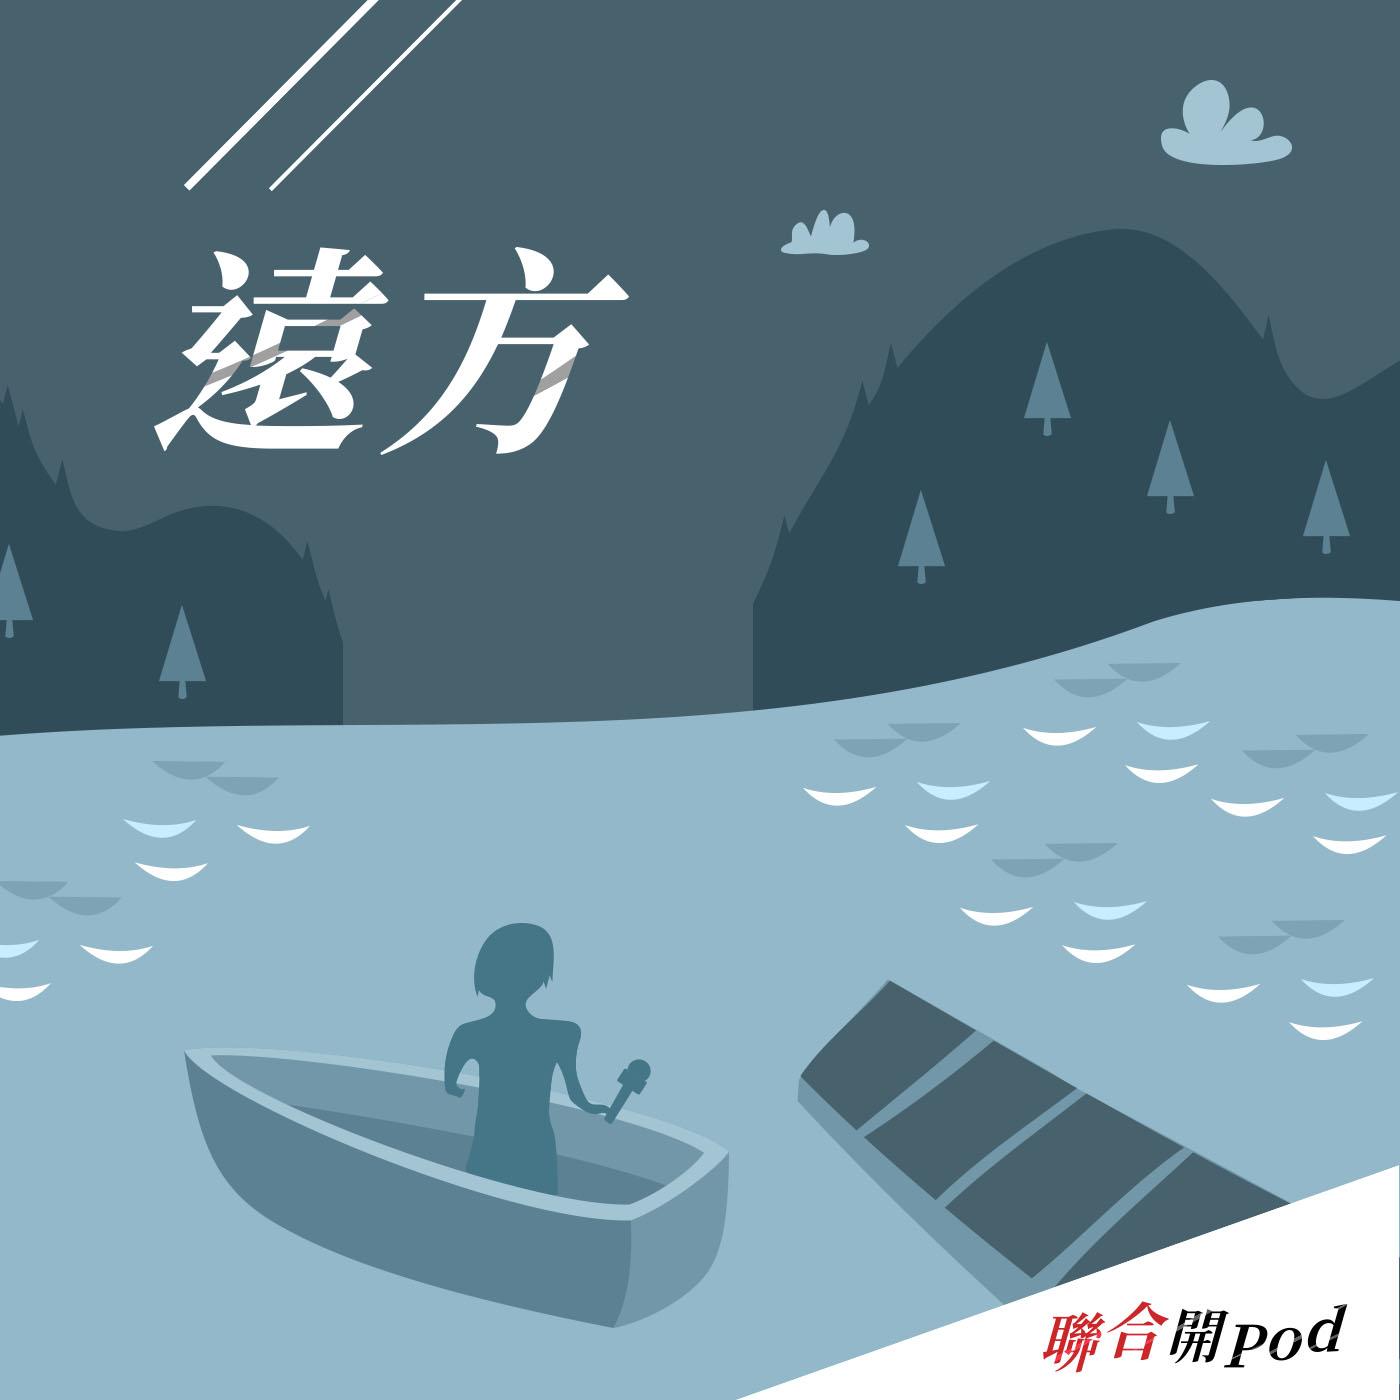 【遠方】 EP9|日本皇室掀波濤 真子公主情「圭」何處?